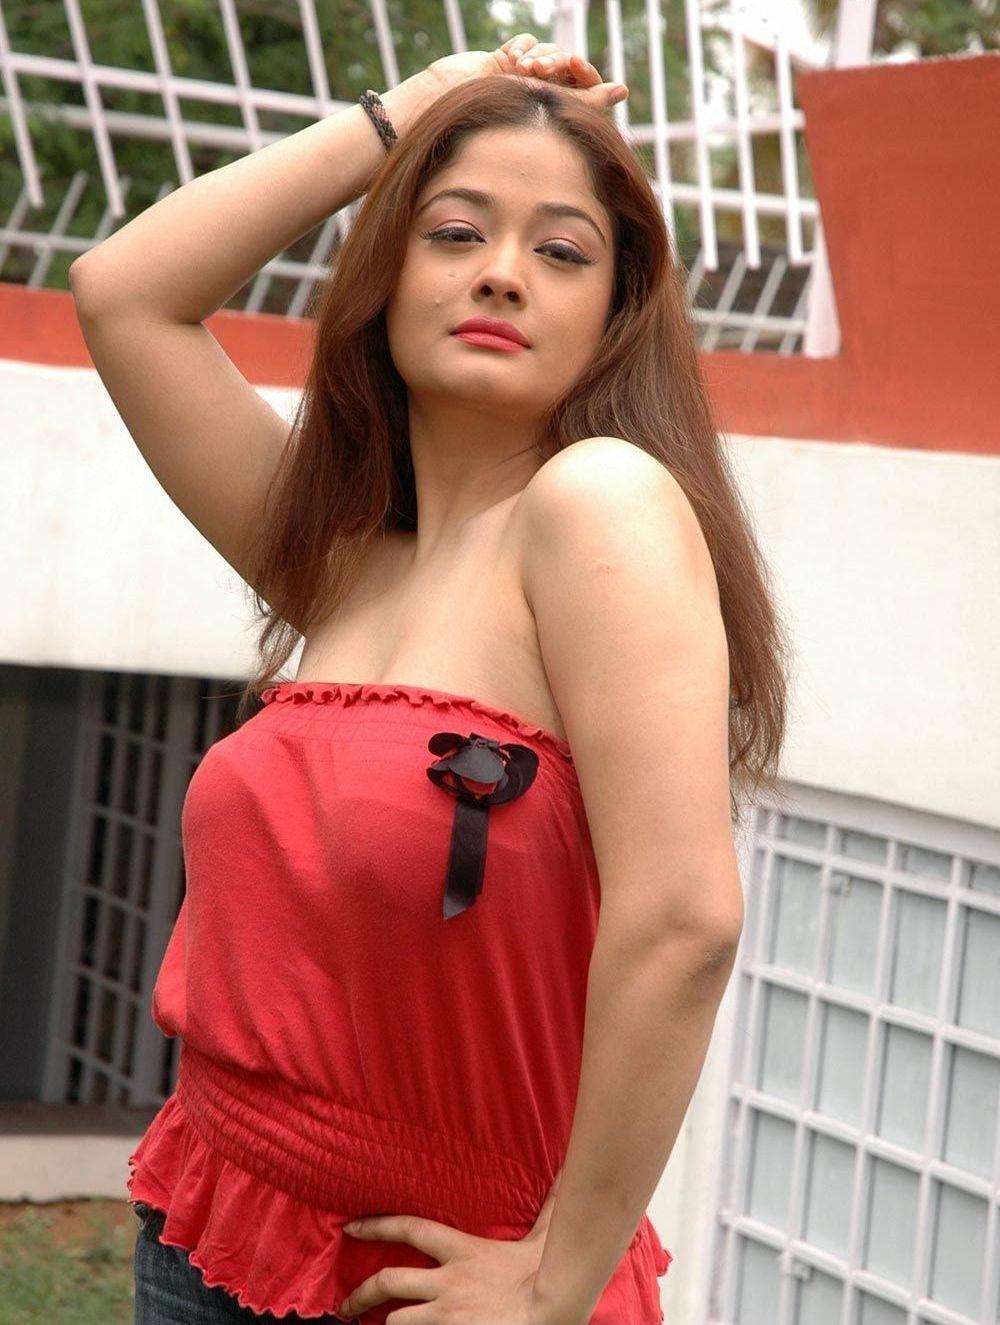 Kiran rathod young photos